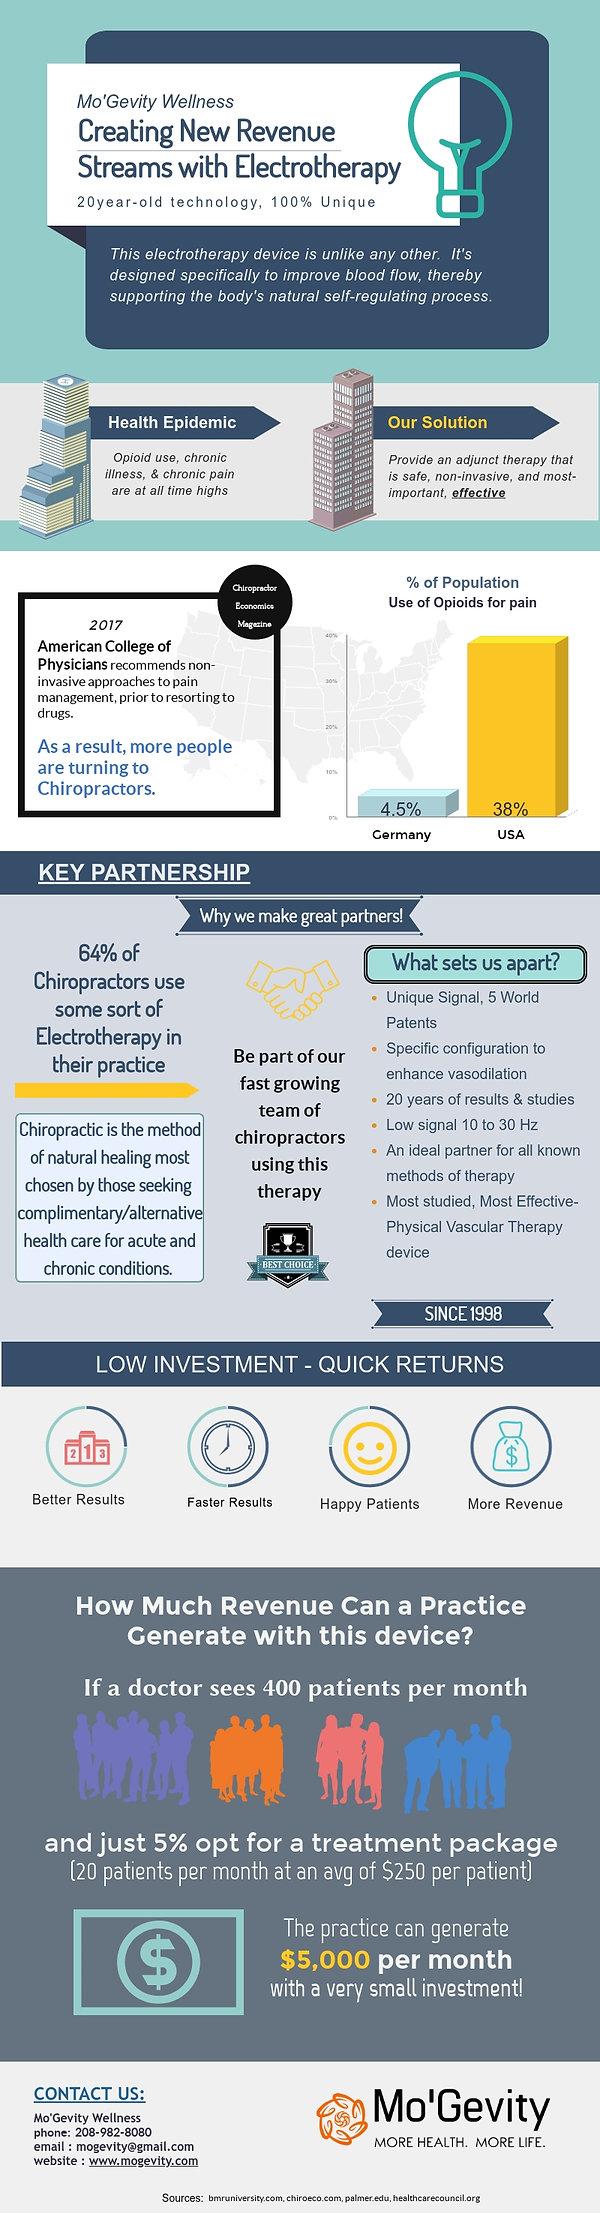 Why-Partner.jpg